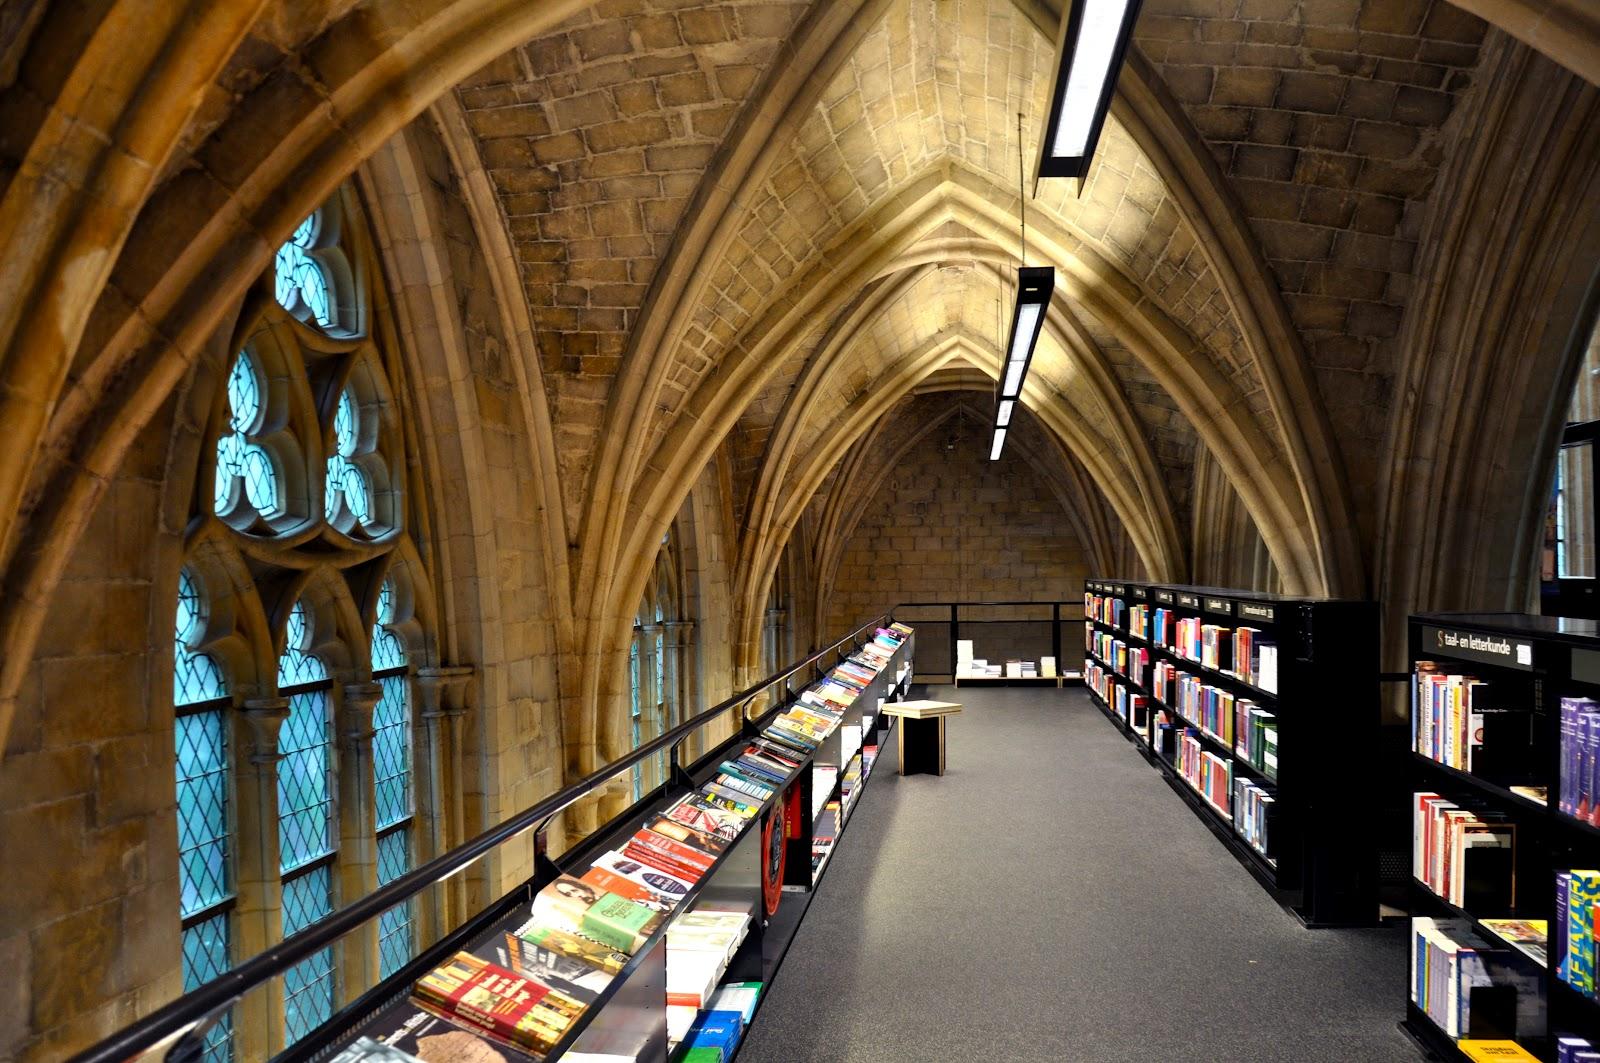 Радость печатного слова: лучшие книжные магазины мира